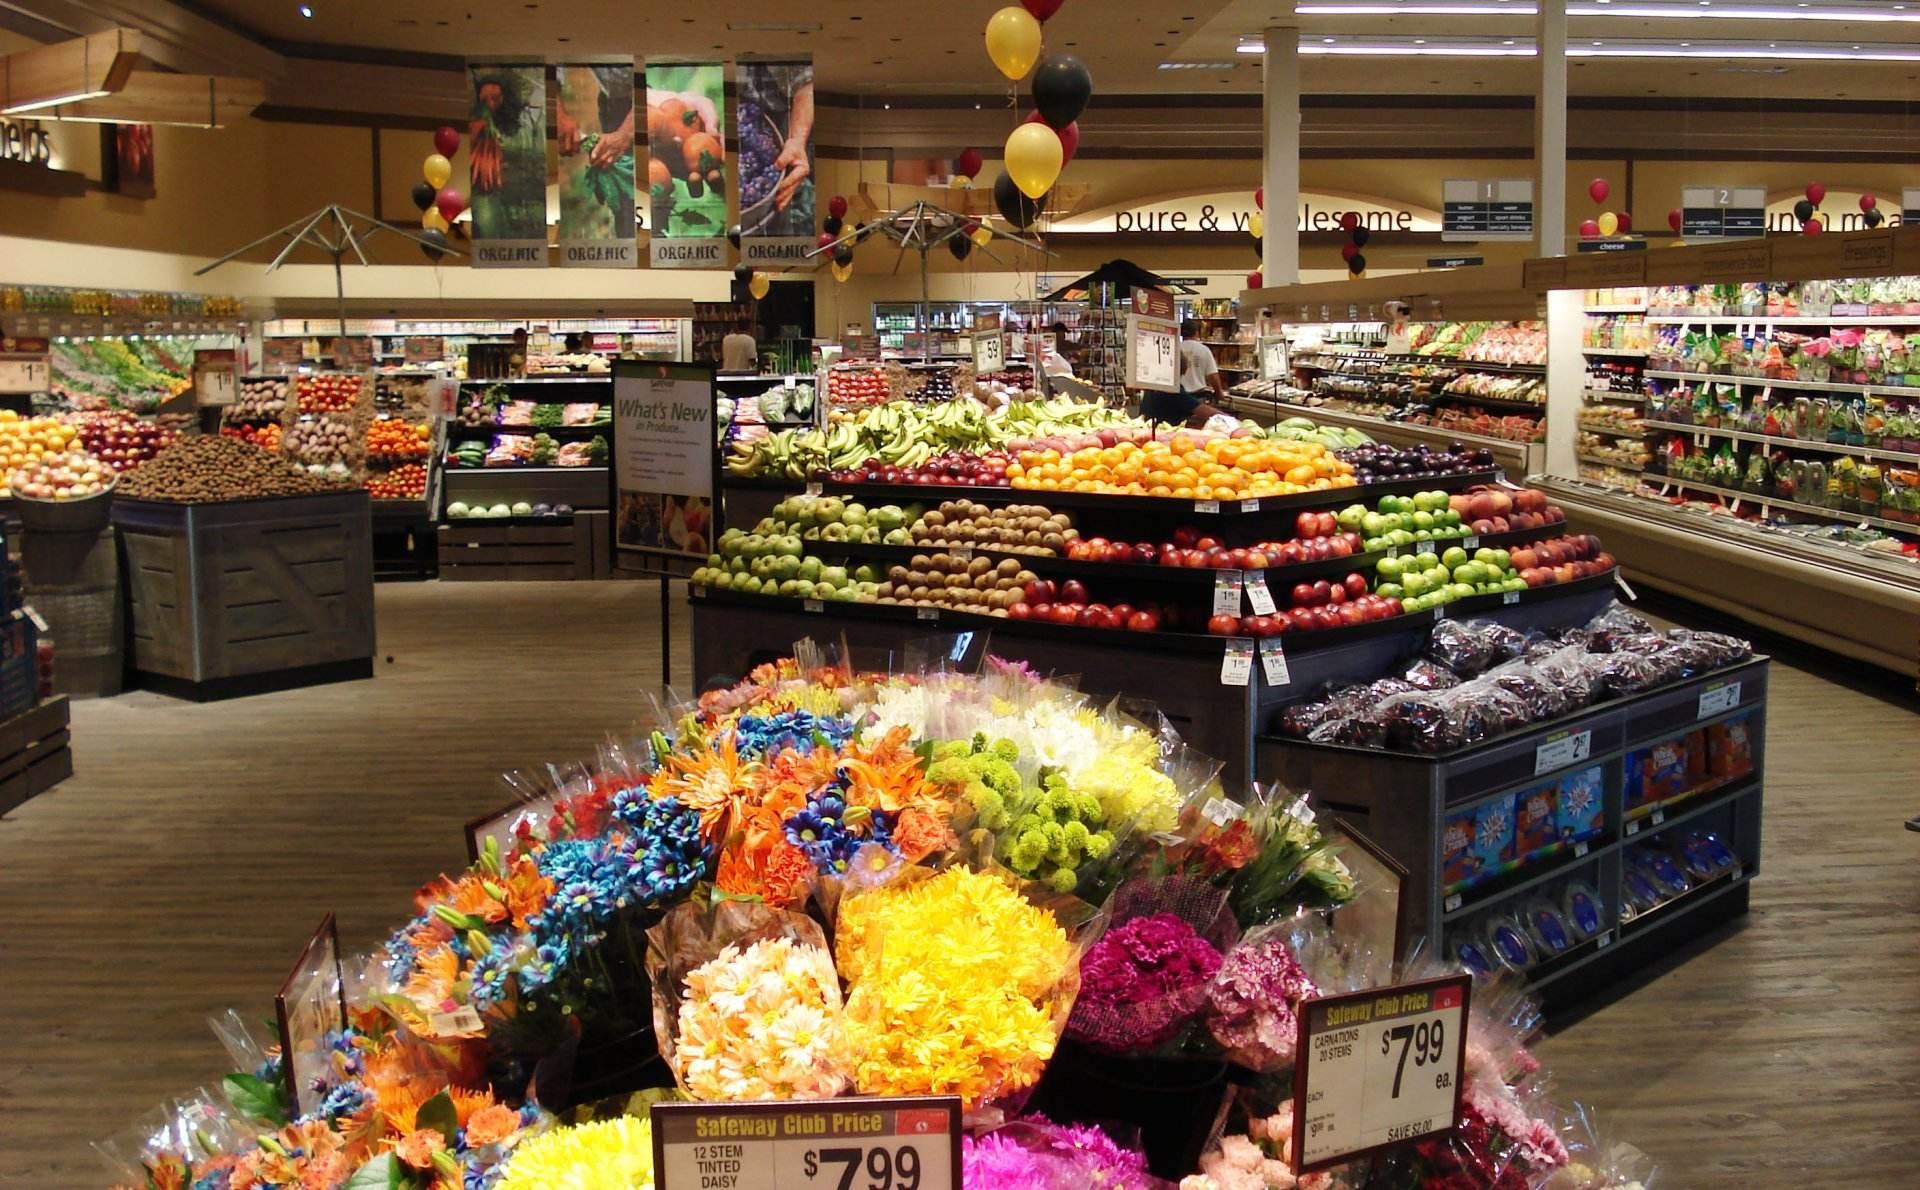 水果超市设计的风格抉择与商品摆放的重点